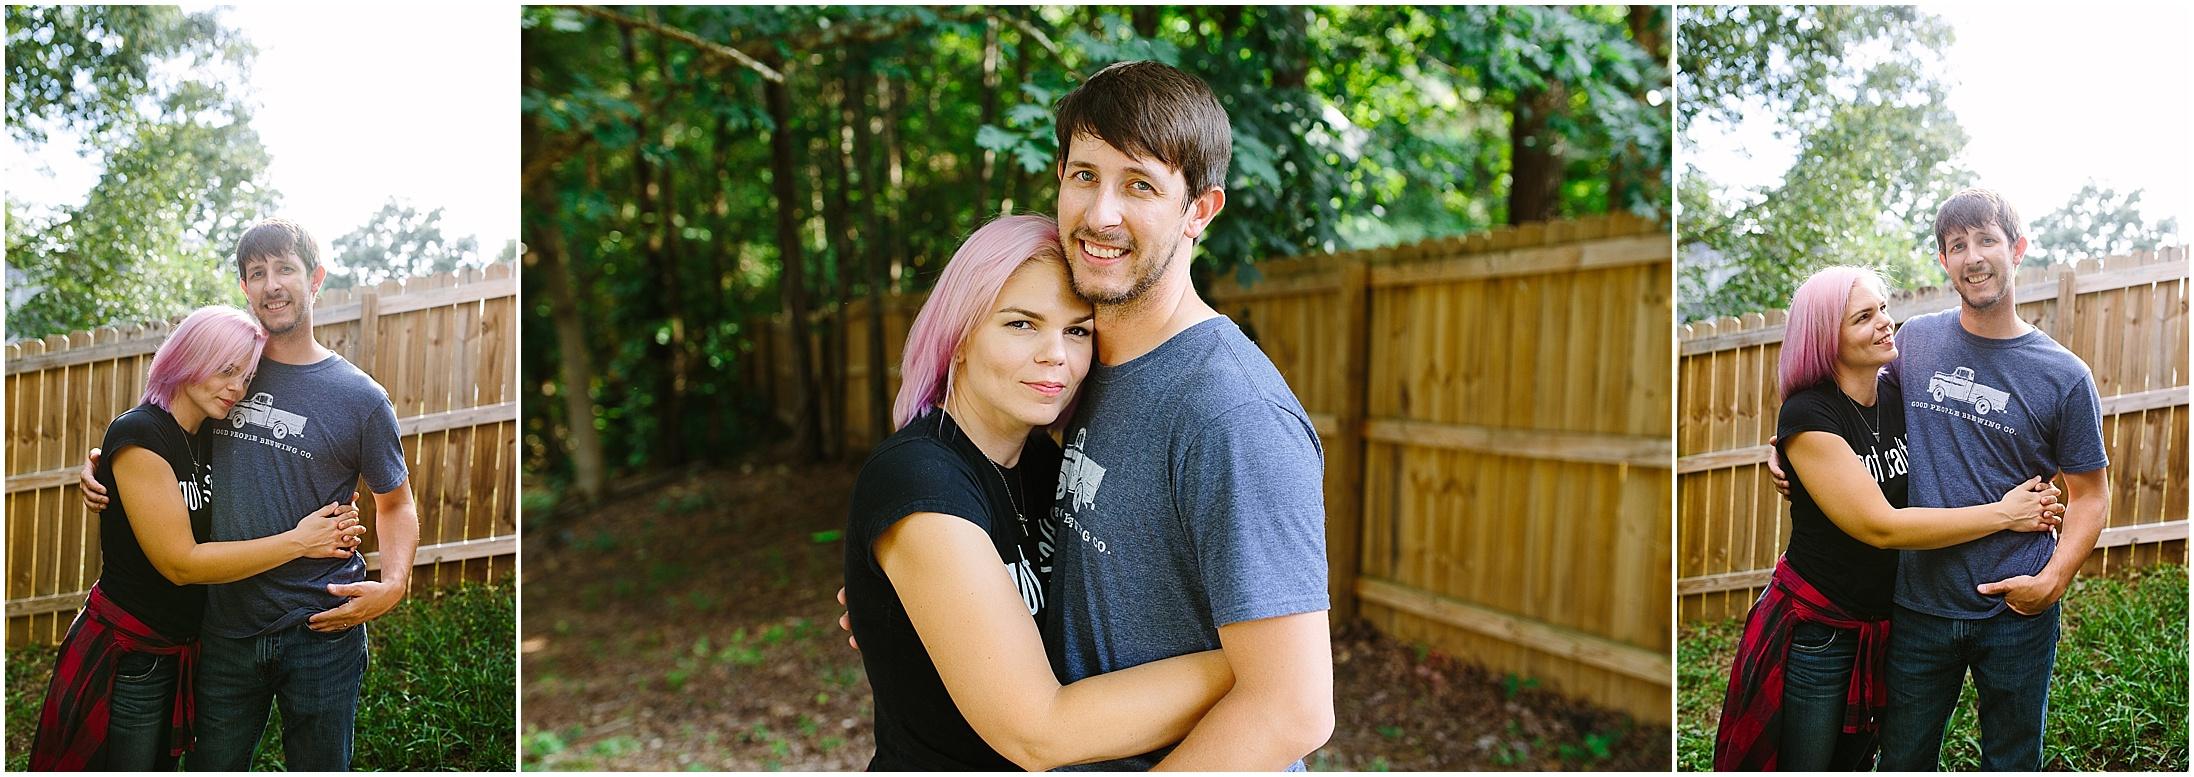 Chattanooga documentary style family photography; Emily Lapish_0159